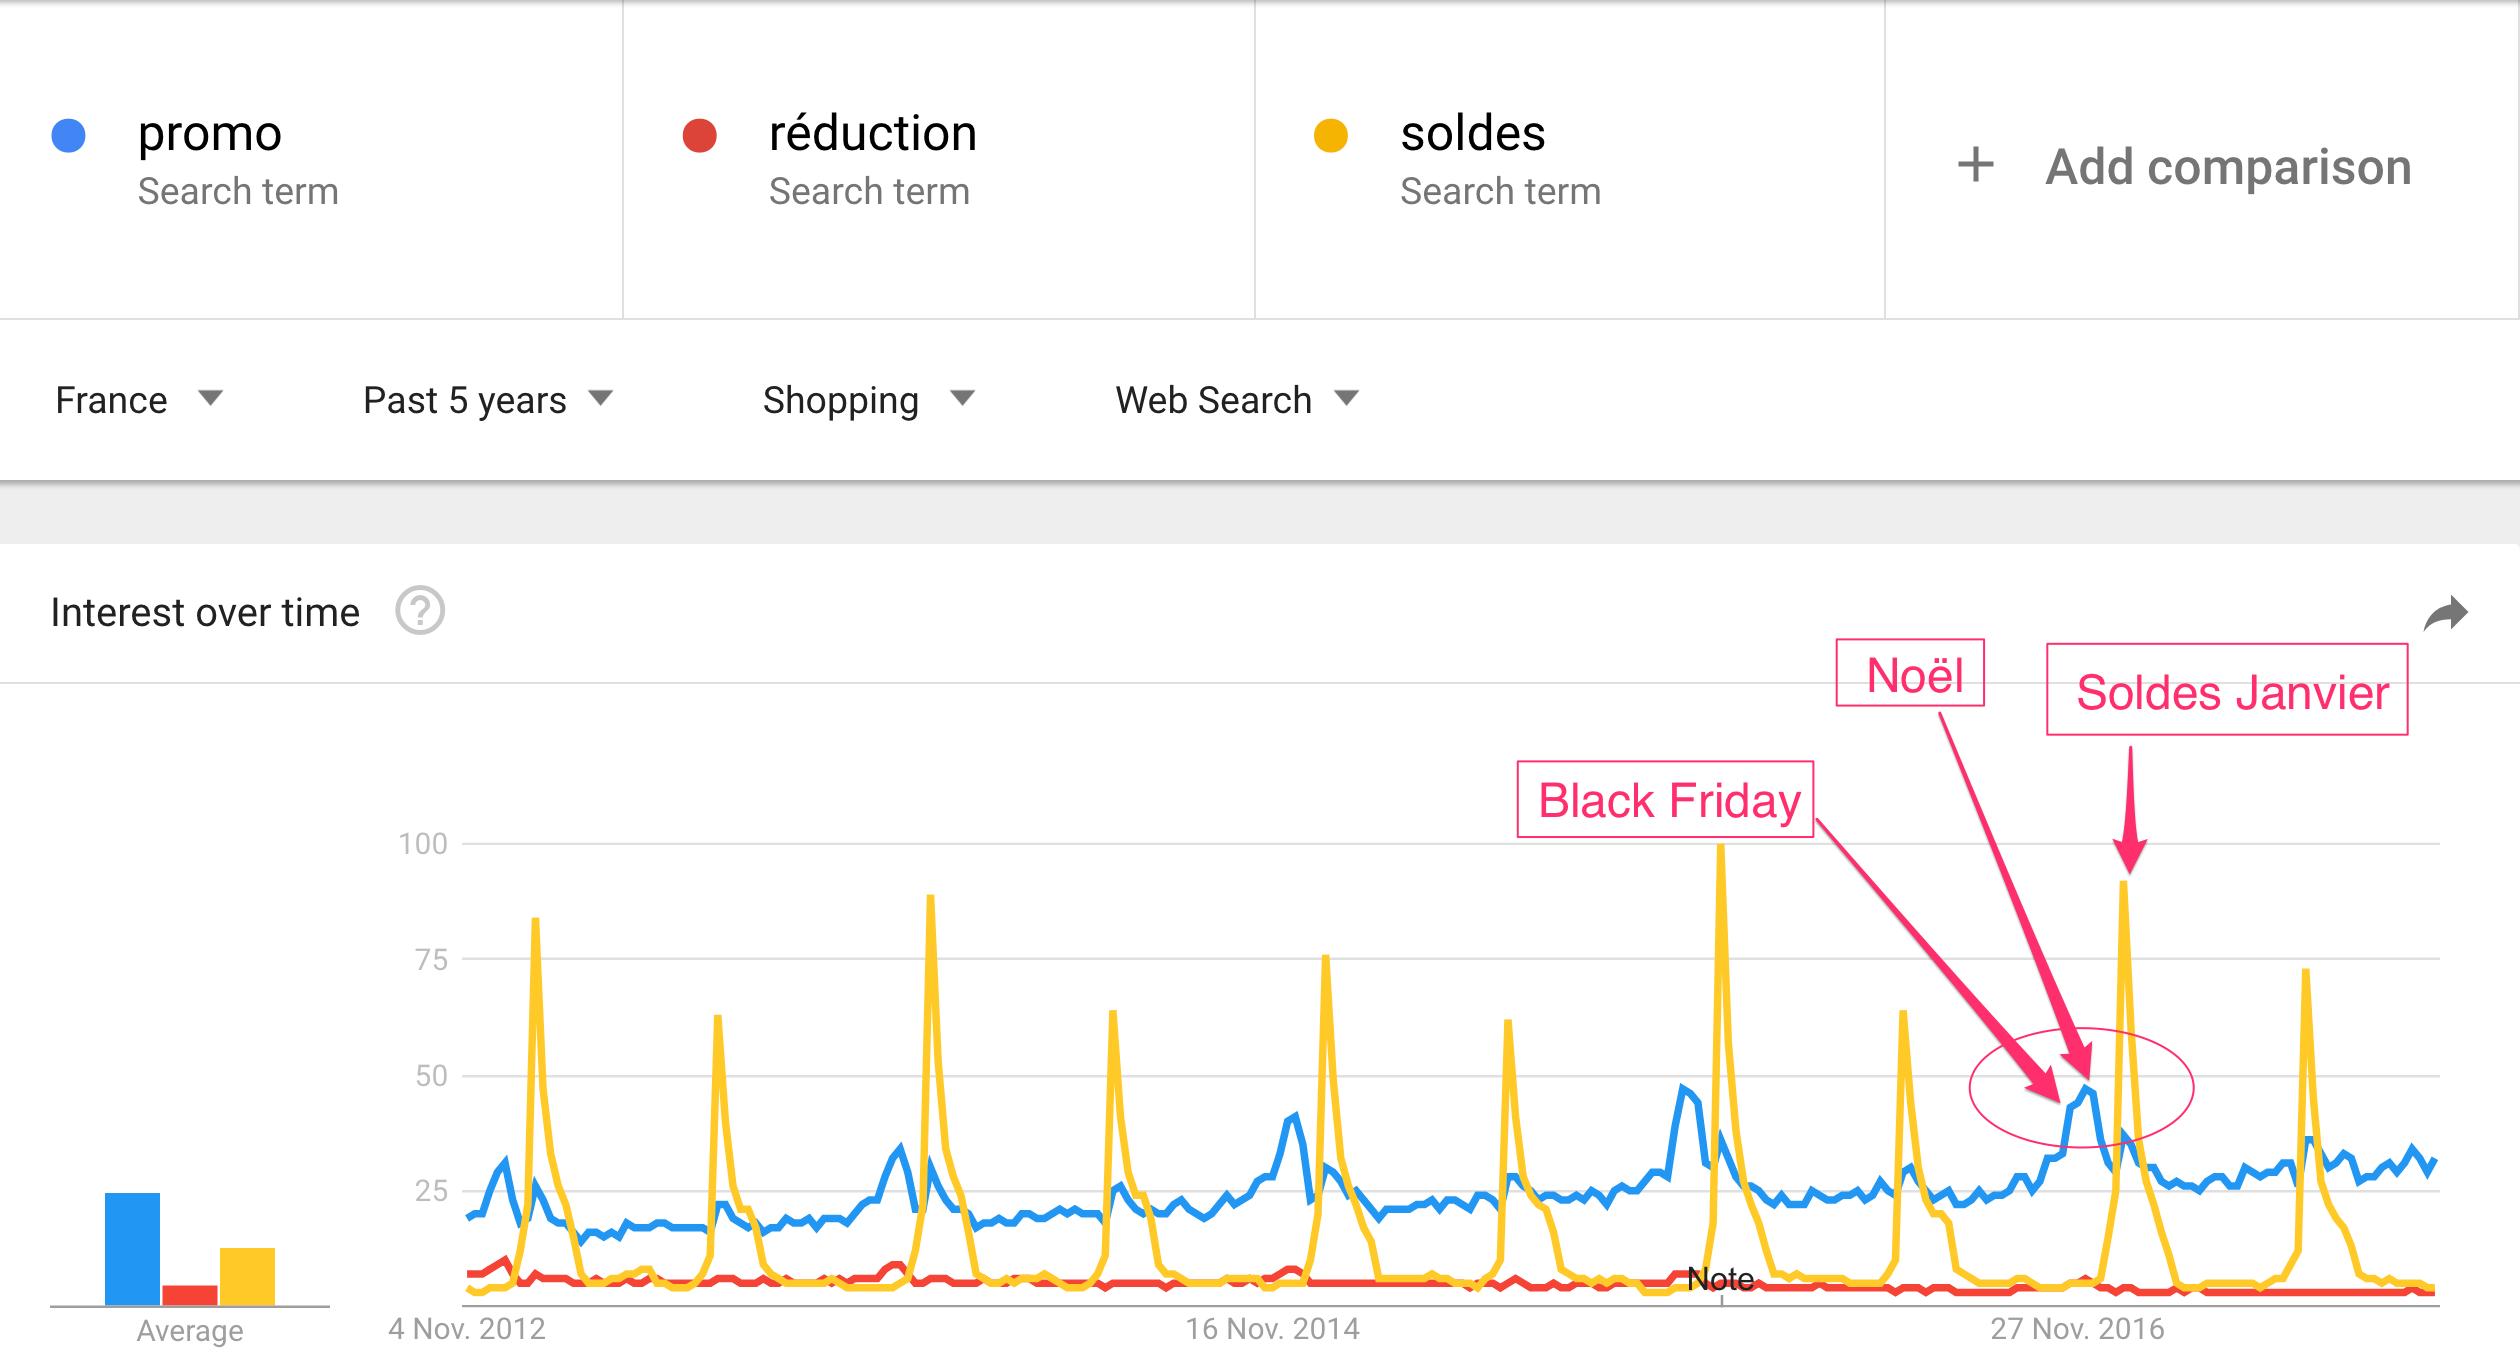 Tendance Google black friday, noël et soldes hiver en France